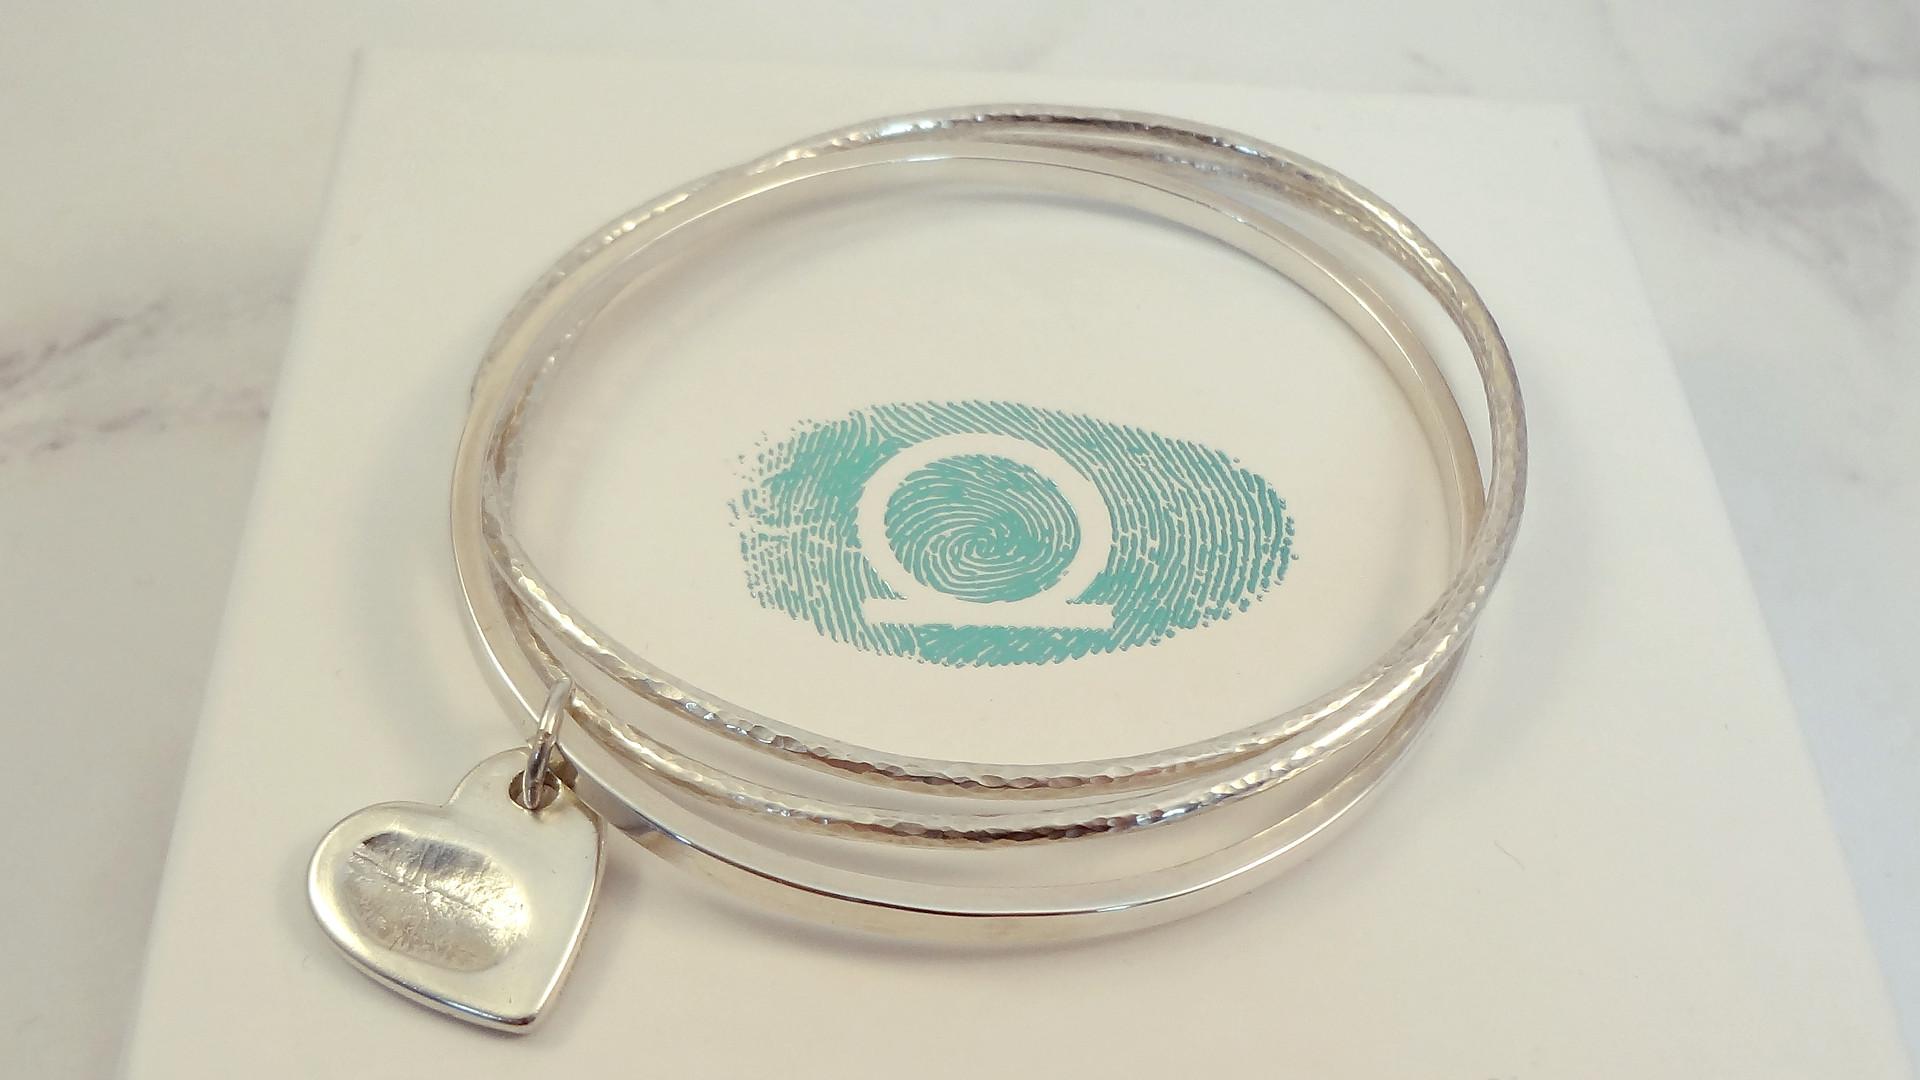 Bangle set with heart fingerprint set